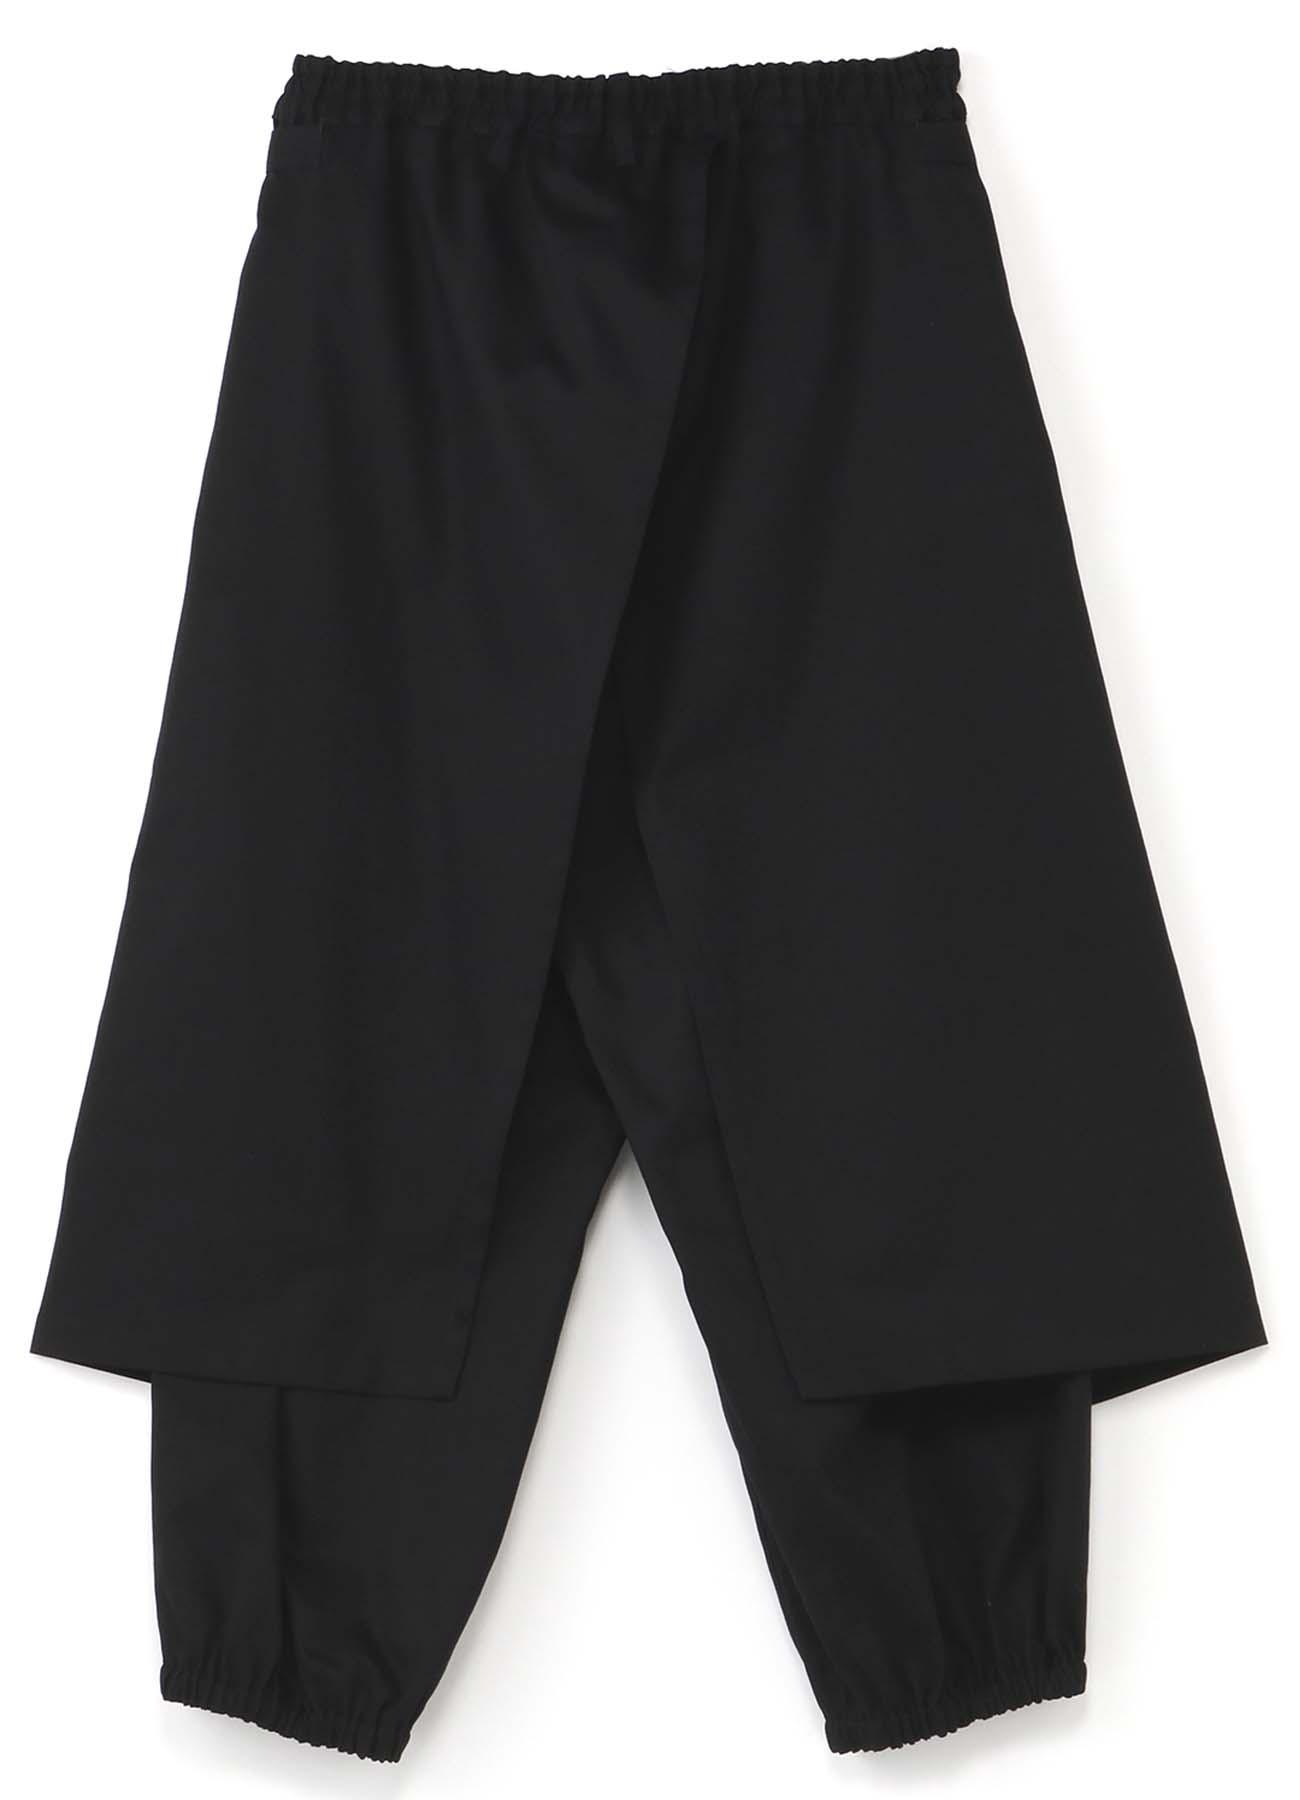 围裙叠穿风抽绳灯笼裤